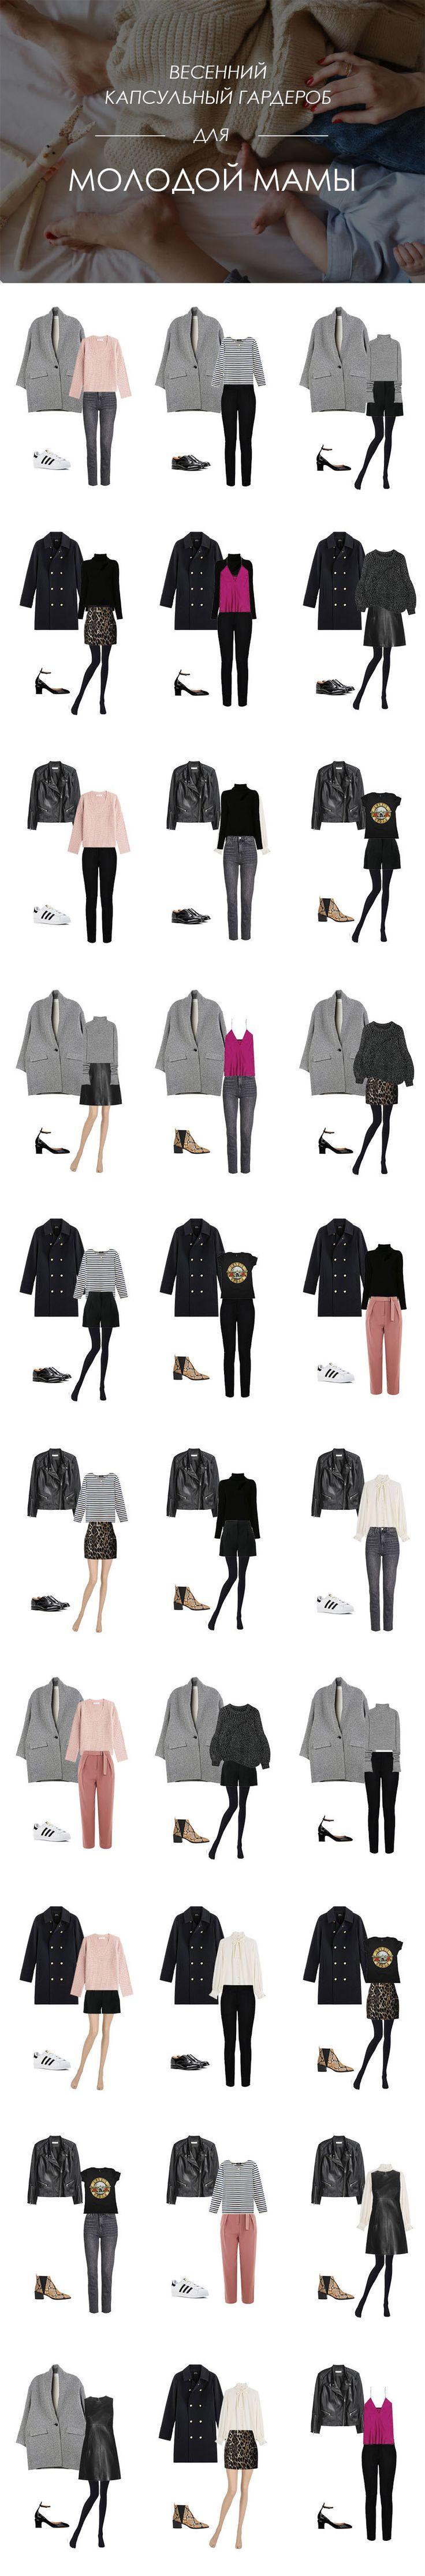 Маленький гардероб может быть интересным! Капсульный гардероб на весну осень: как из 20 вещей составить 30 стильных комплектов для любого случая жизни